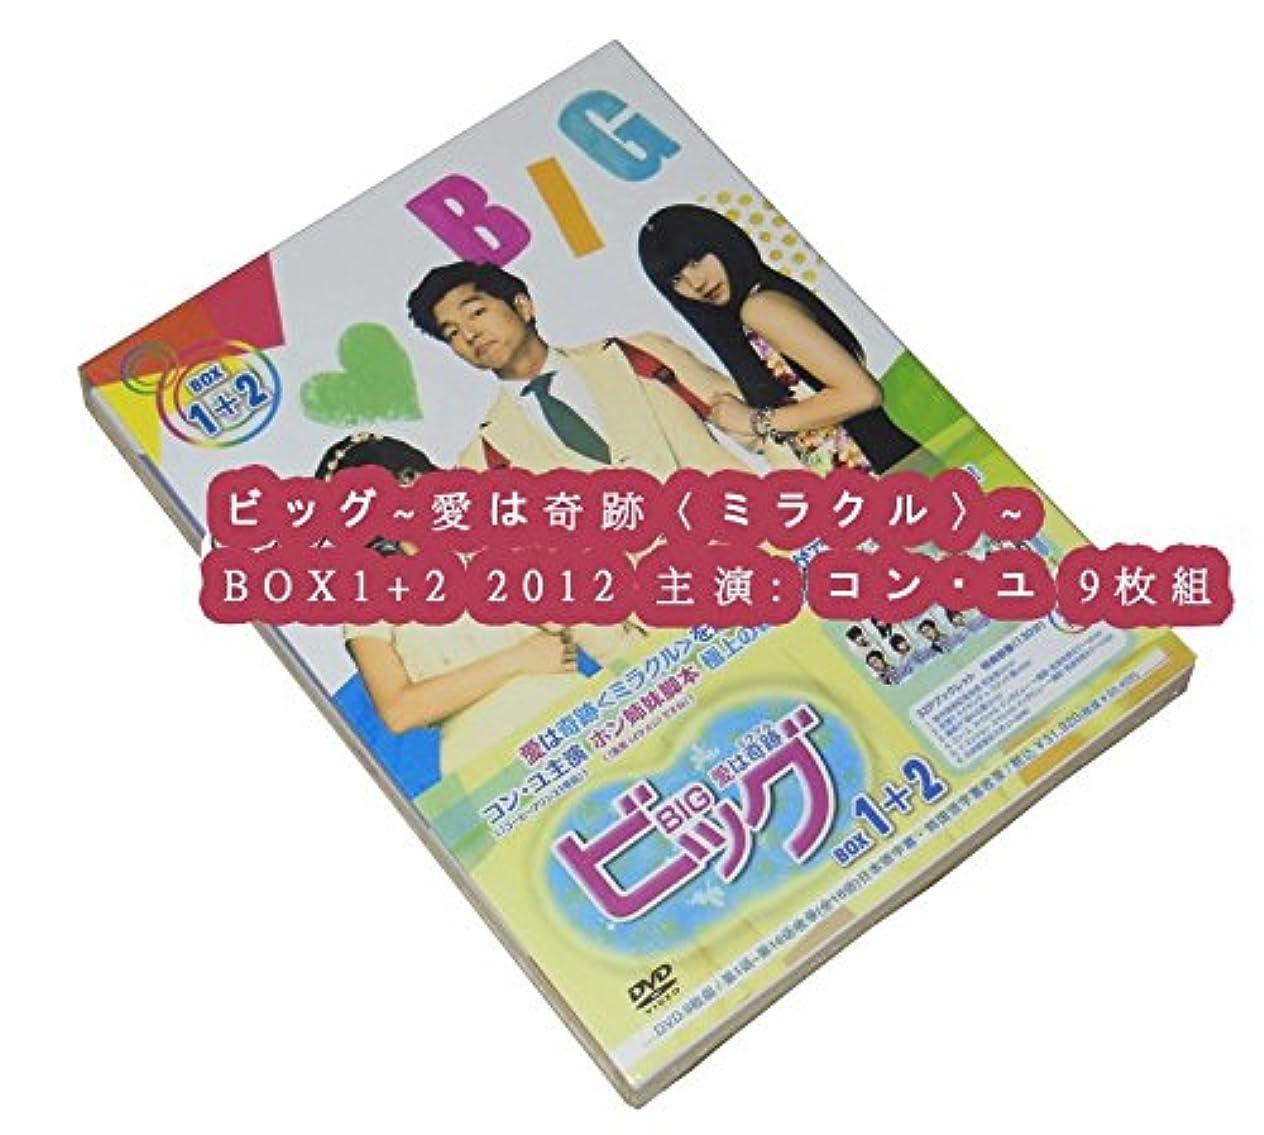 雄弁長さ推定ビッグ~愛は奇跡〈ミラクル〉~ BOX1+2 2012 主演: コン?ユ